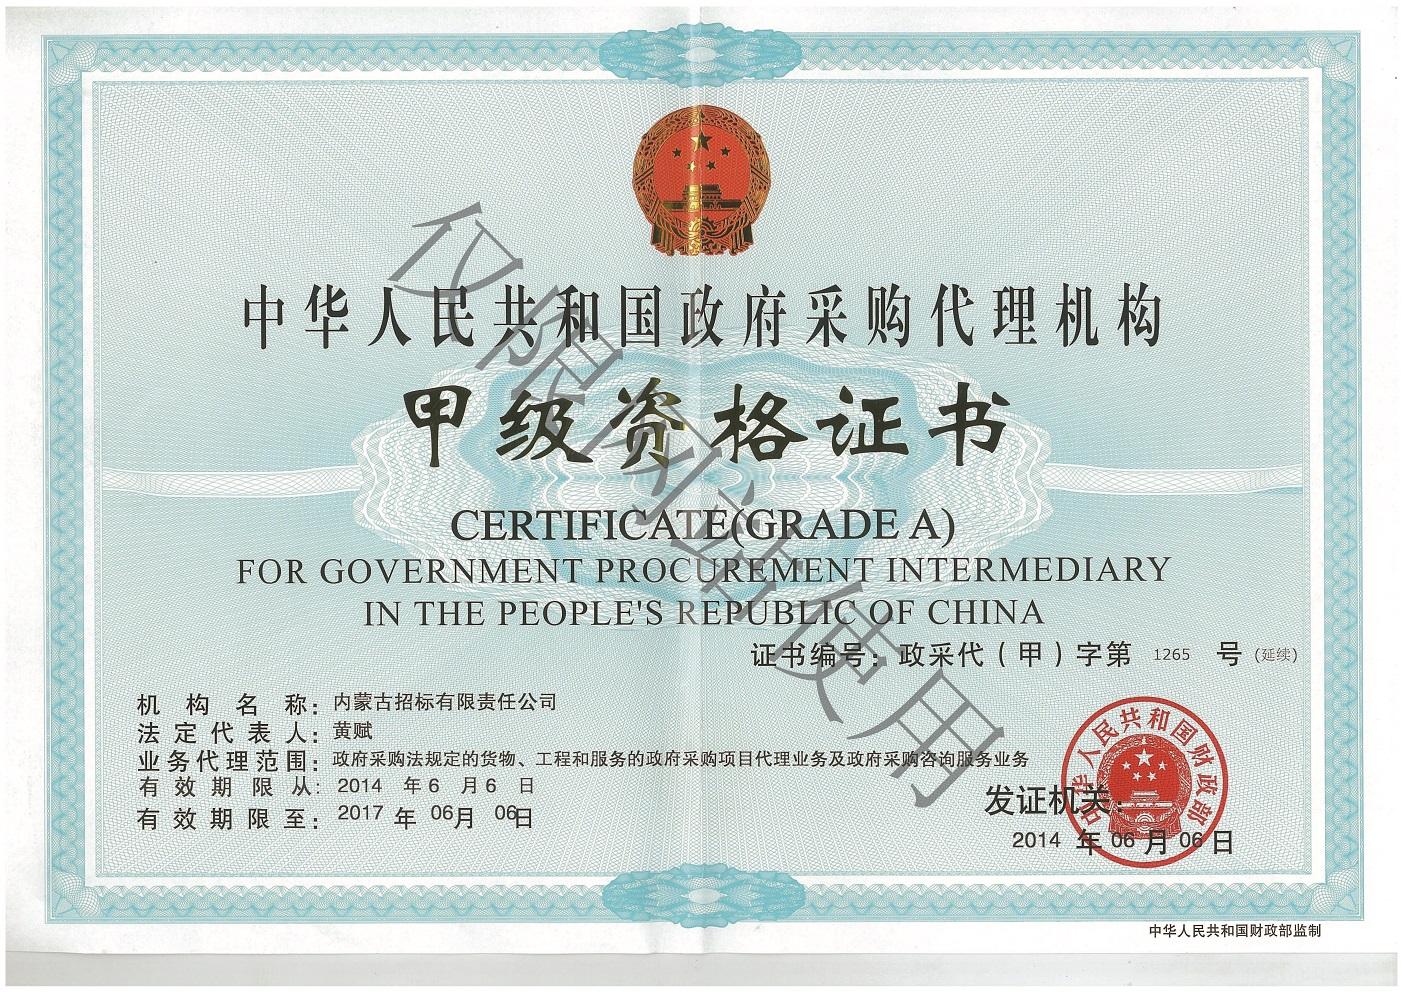 政府采购代理机构甲级证书